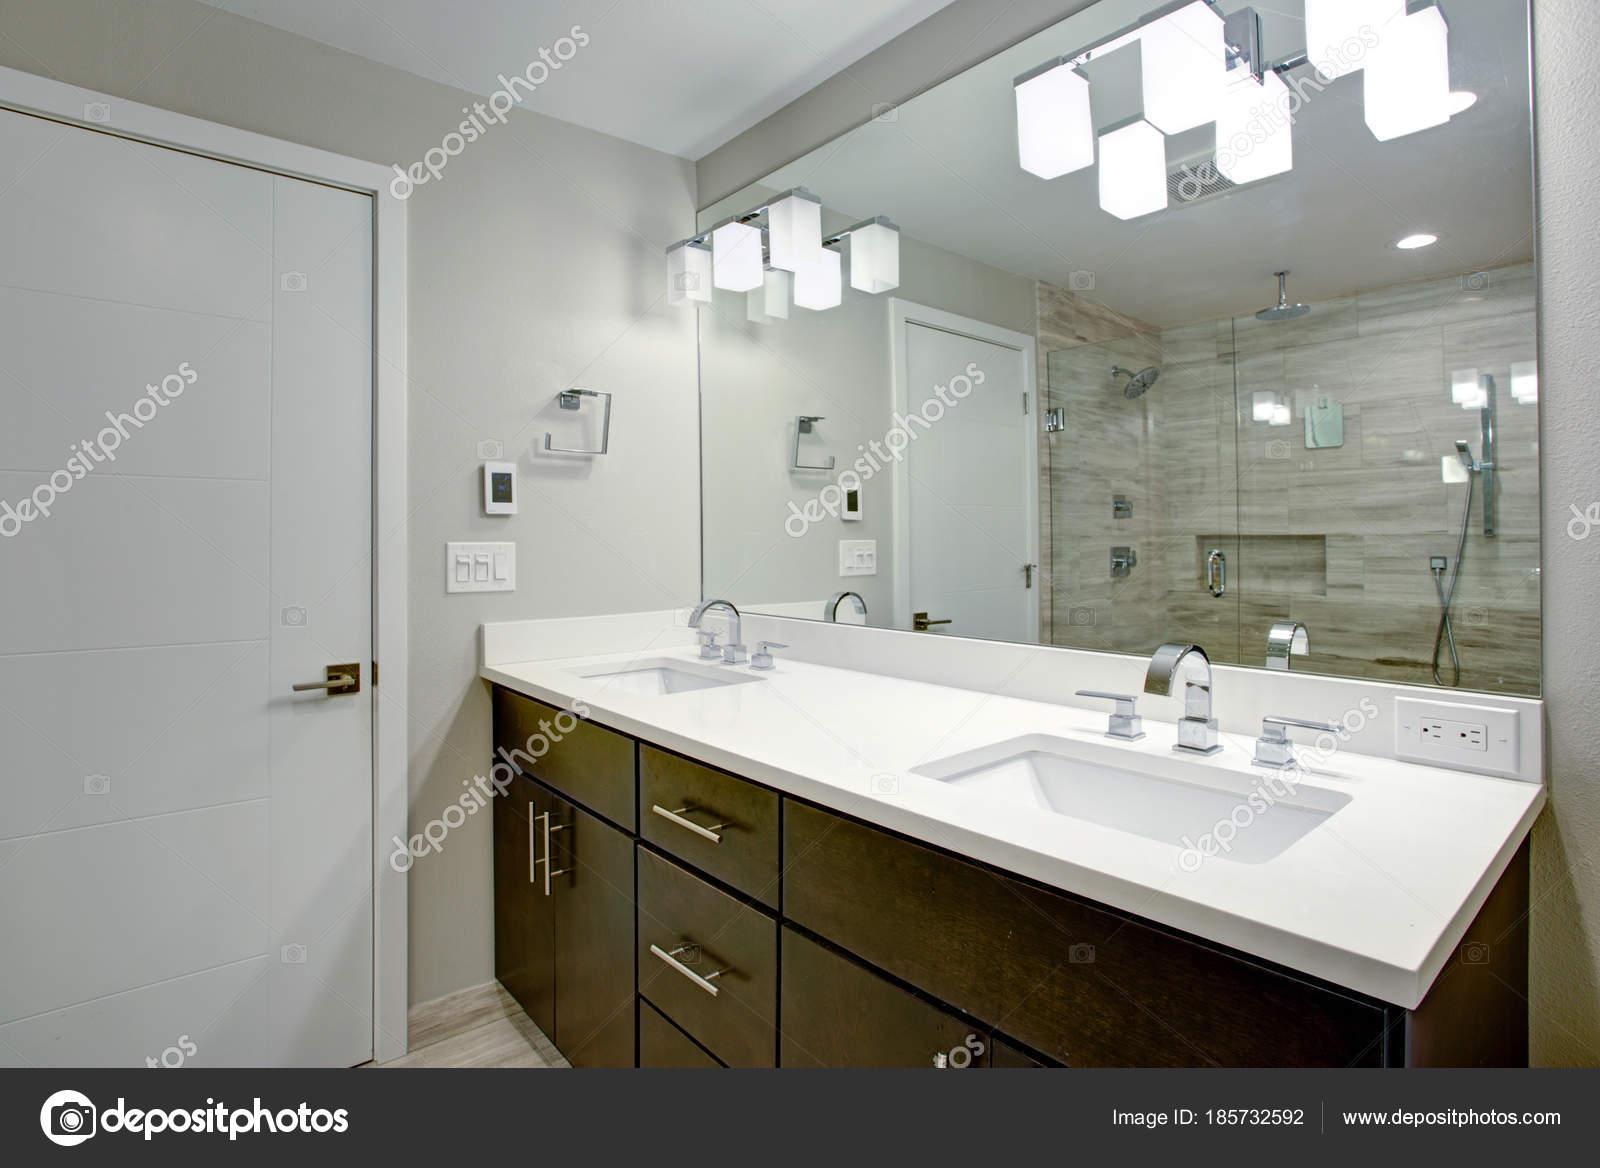 Elegante bagno con doppio lavabo espresso foto stock alabn 185732592 - Bagno con doppio lavello ...